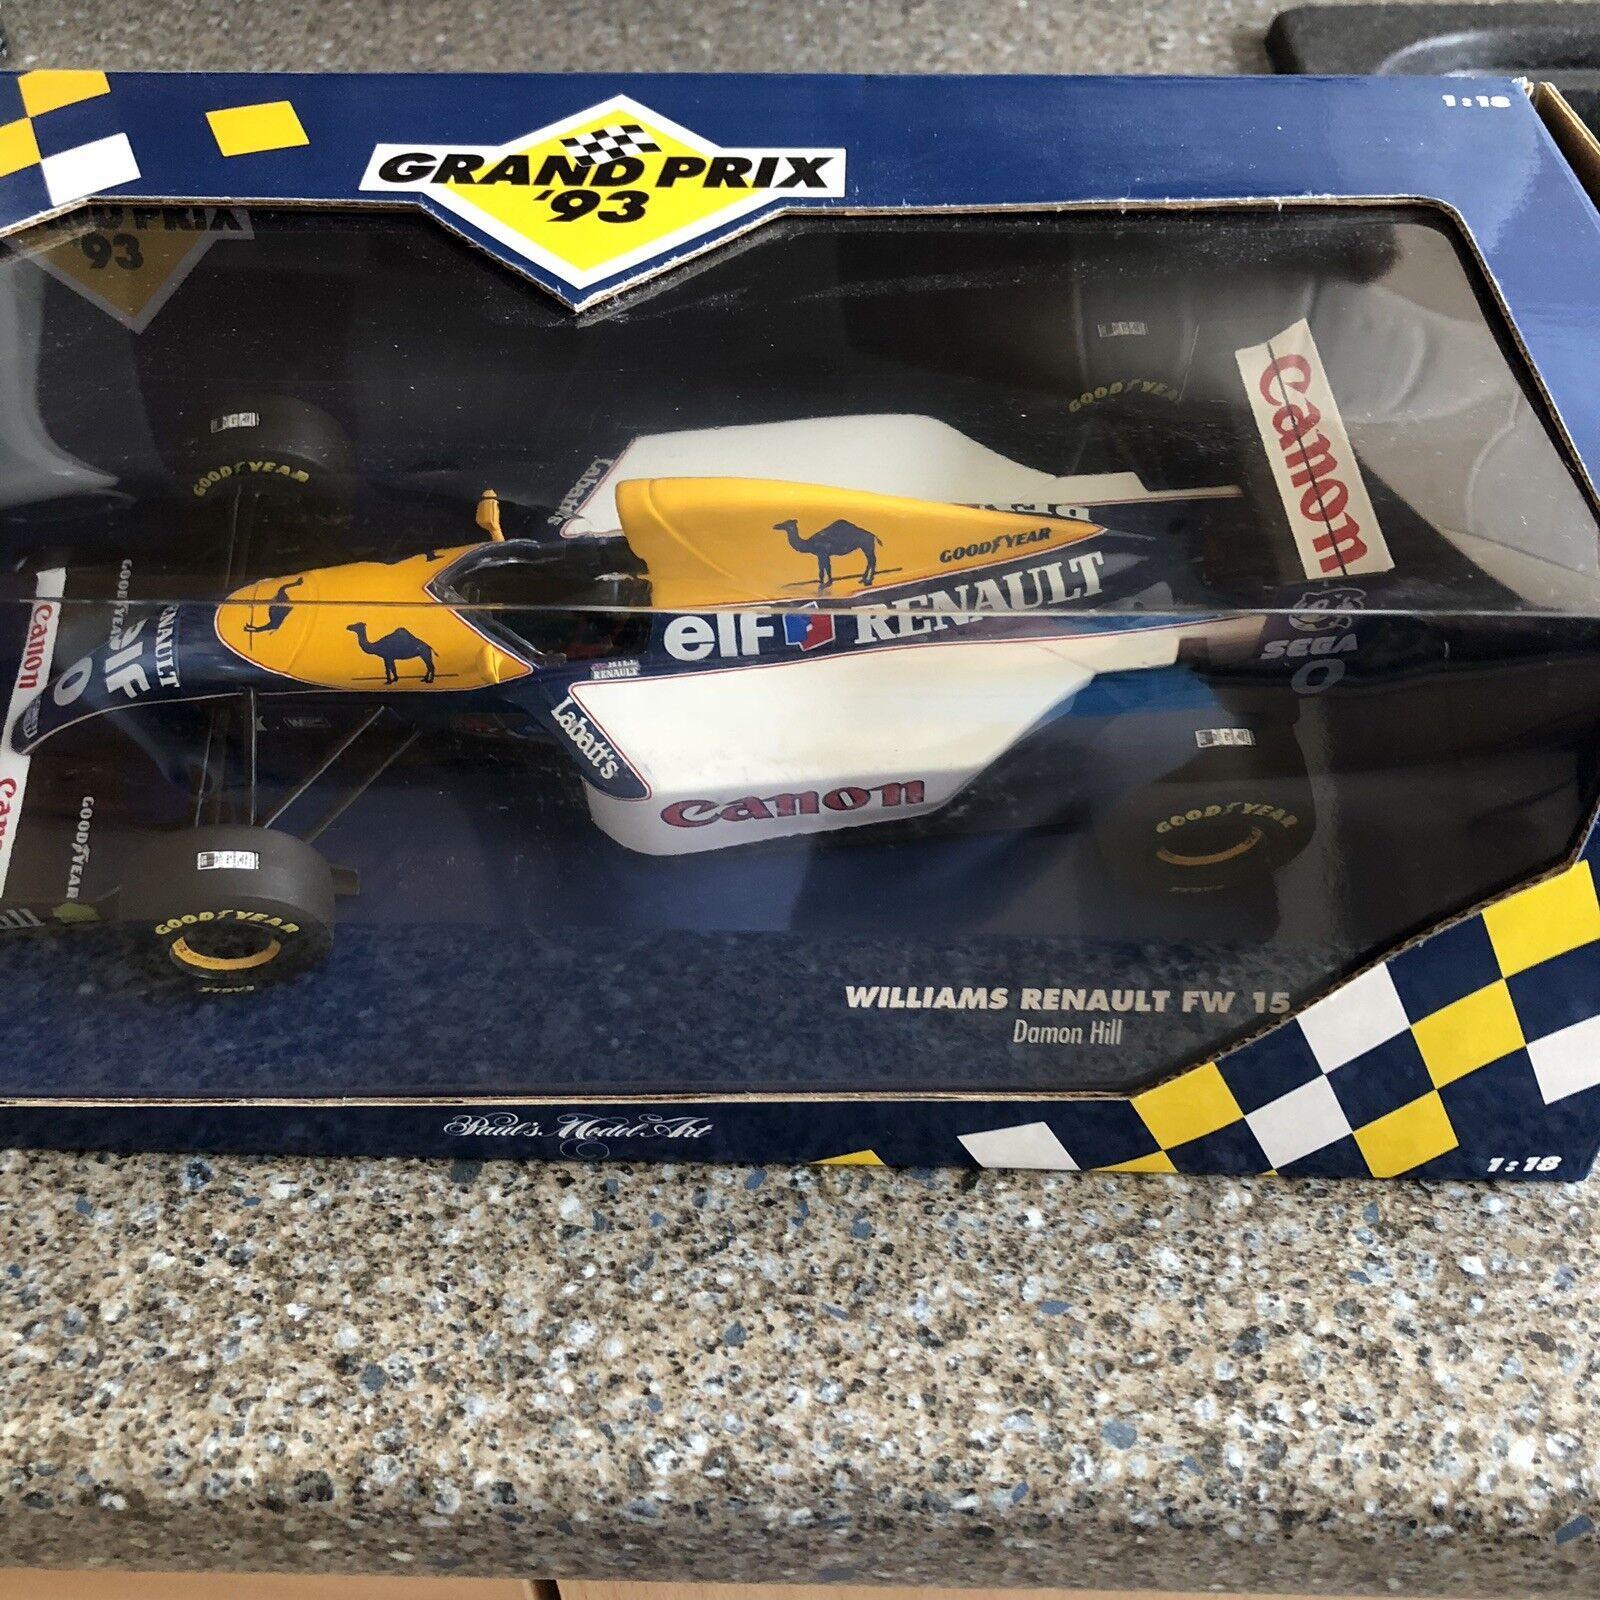 Surprise du carnaval de Noël Damon Hill FW15 MINICHAMPS 1993 S. African GP livrée   Attrayant Et Durable